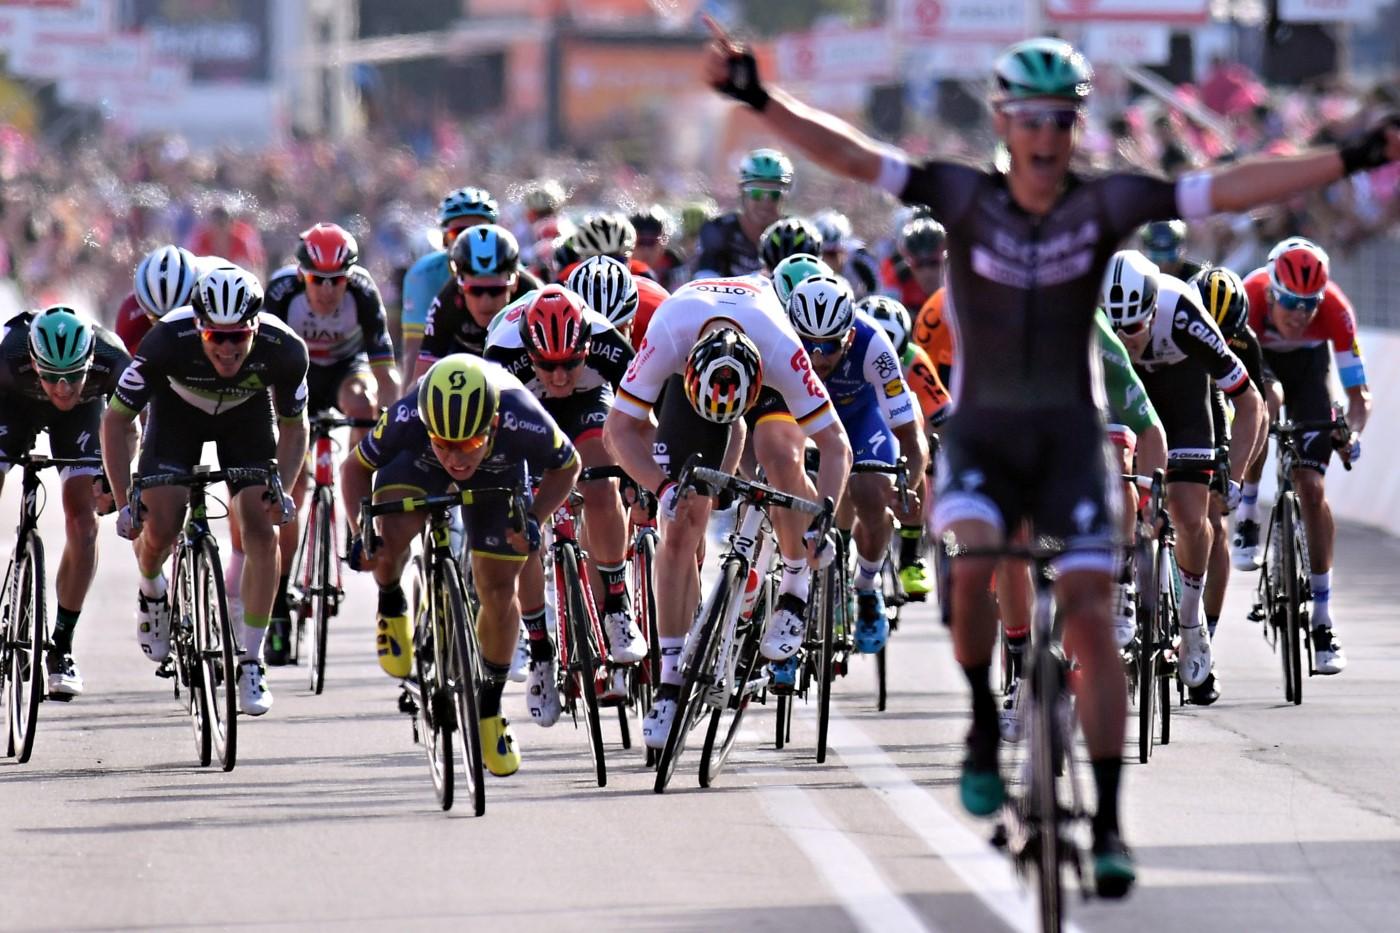 Foto LaPresse - Gian Mattia D'Alberto 05/05/2017 Olbia (Italia) Sport Ciclismo Giro d'Italia 2017 - 100a edizione - Tappa 1 - da Alghero a Olbia - 206 km ( 128 miglia ) Nella foto: Lukas Pöstlberger, vincitore di tappa e maglia rosa Photo LaPresse - Gian Mattia D'Alberto 05/05/2017 Olbia ( Italy ) Sport Cycling Giro d'Italia 2017 - 100th edition - Stage 1 - Alghero to Olbia - 206 km ( 128 miles ) In the pic: Lukas Pöstlberger, winner of the stage and pink jersey